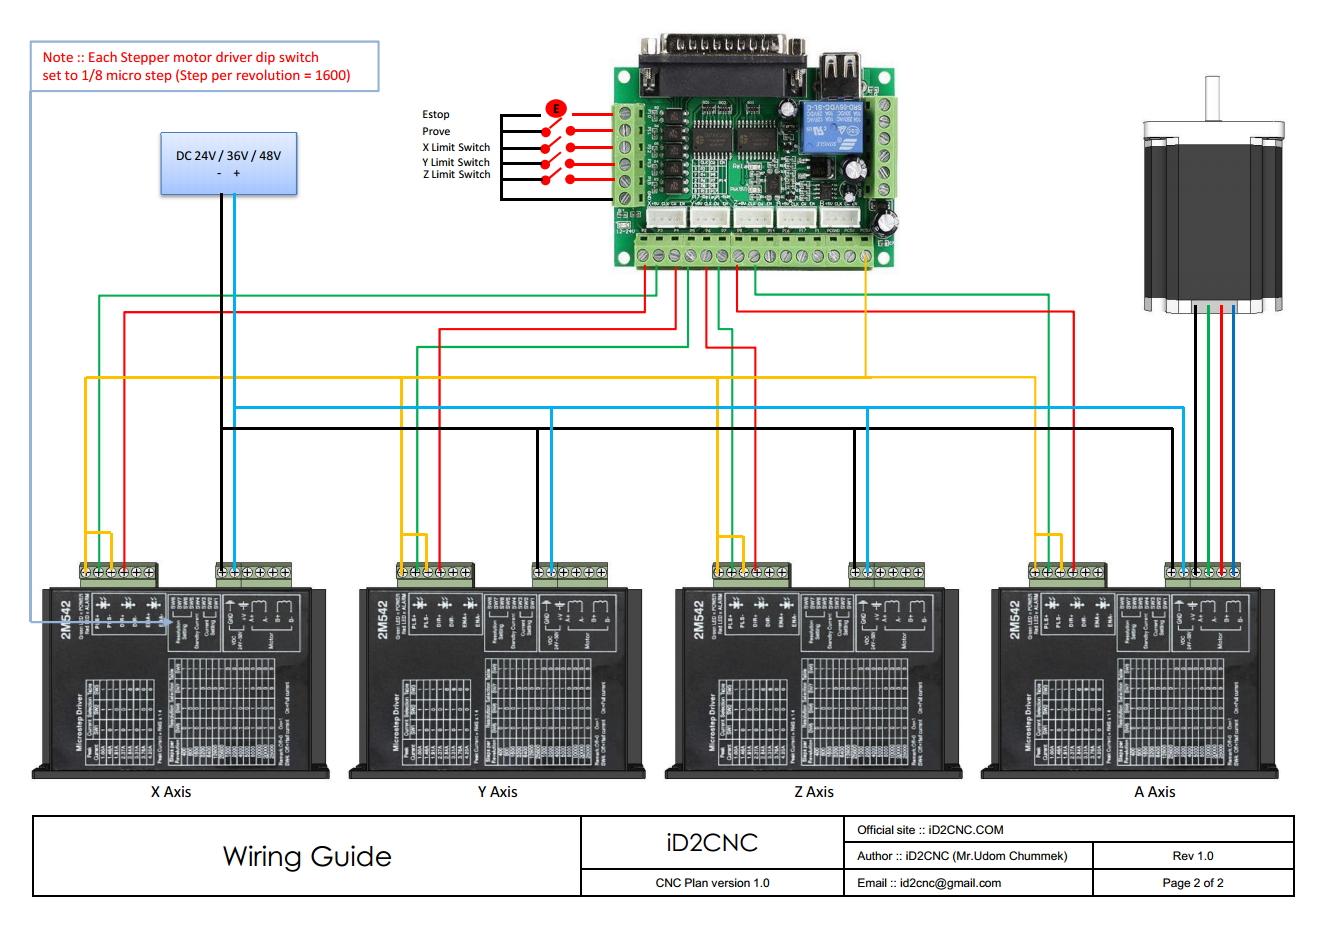 cnc router wiring diagram 4 pin aviation connector diagramdiagram hive13 wiki file za68820cnc schematic 20